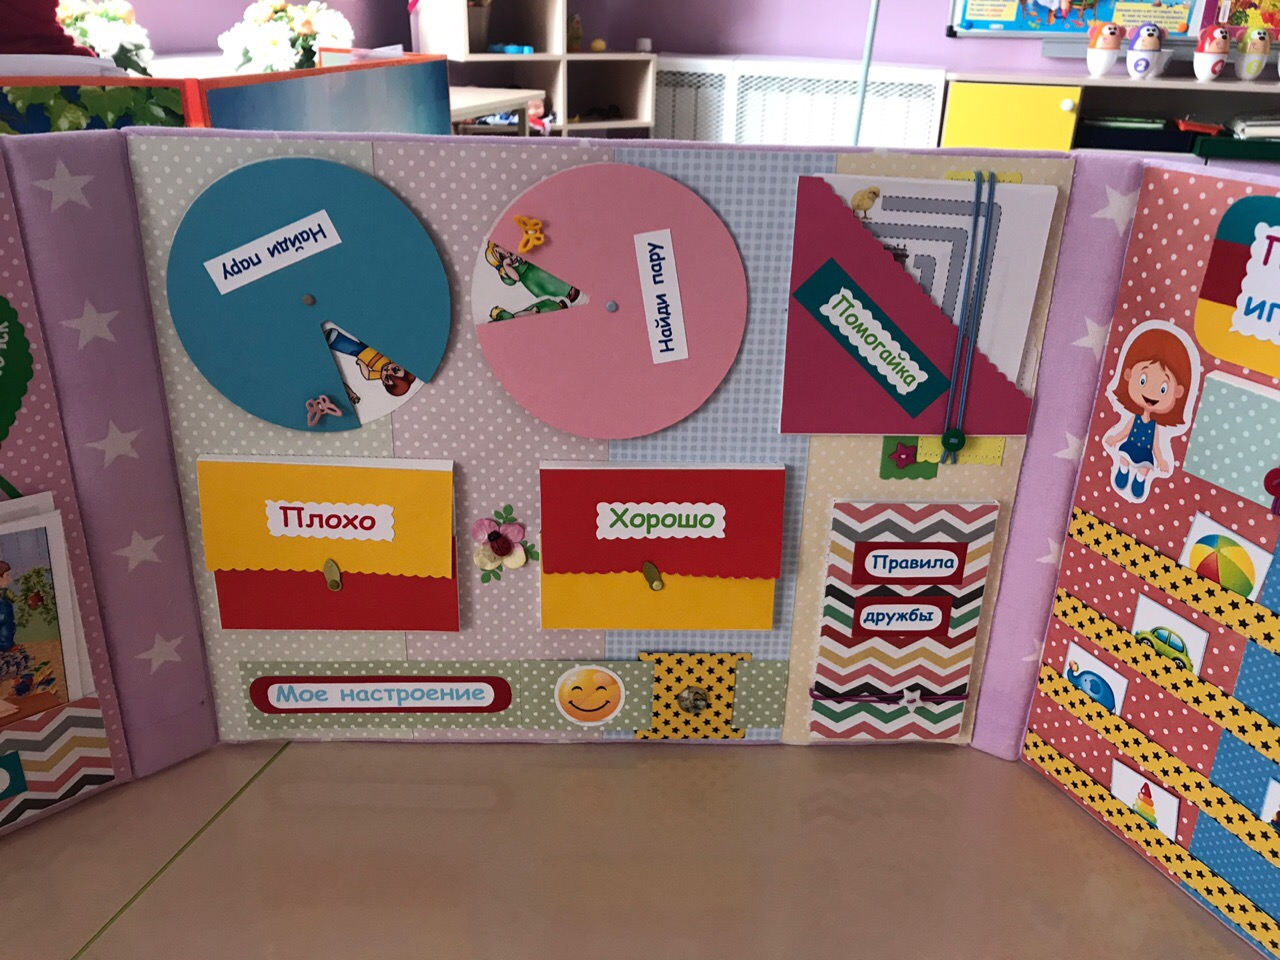 Что такое лэпбук для дошкольников по фгос? пояснения и фото